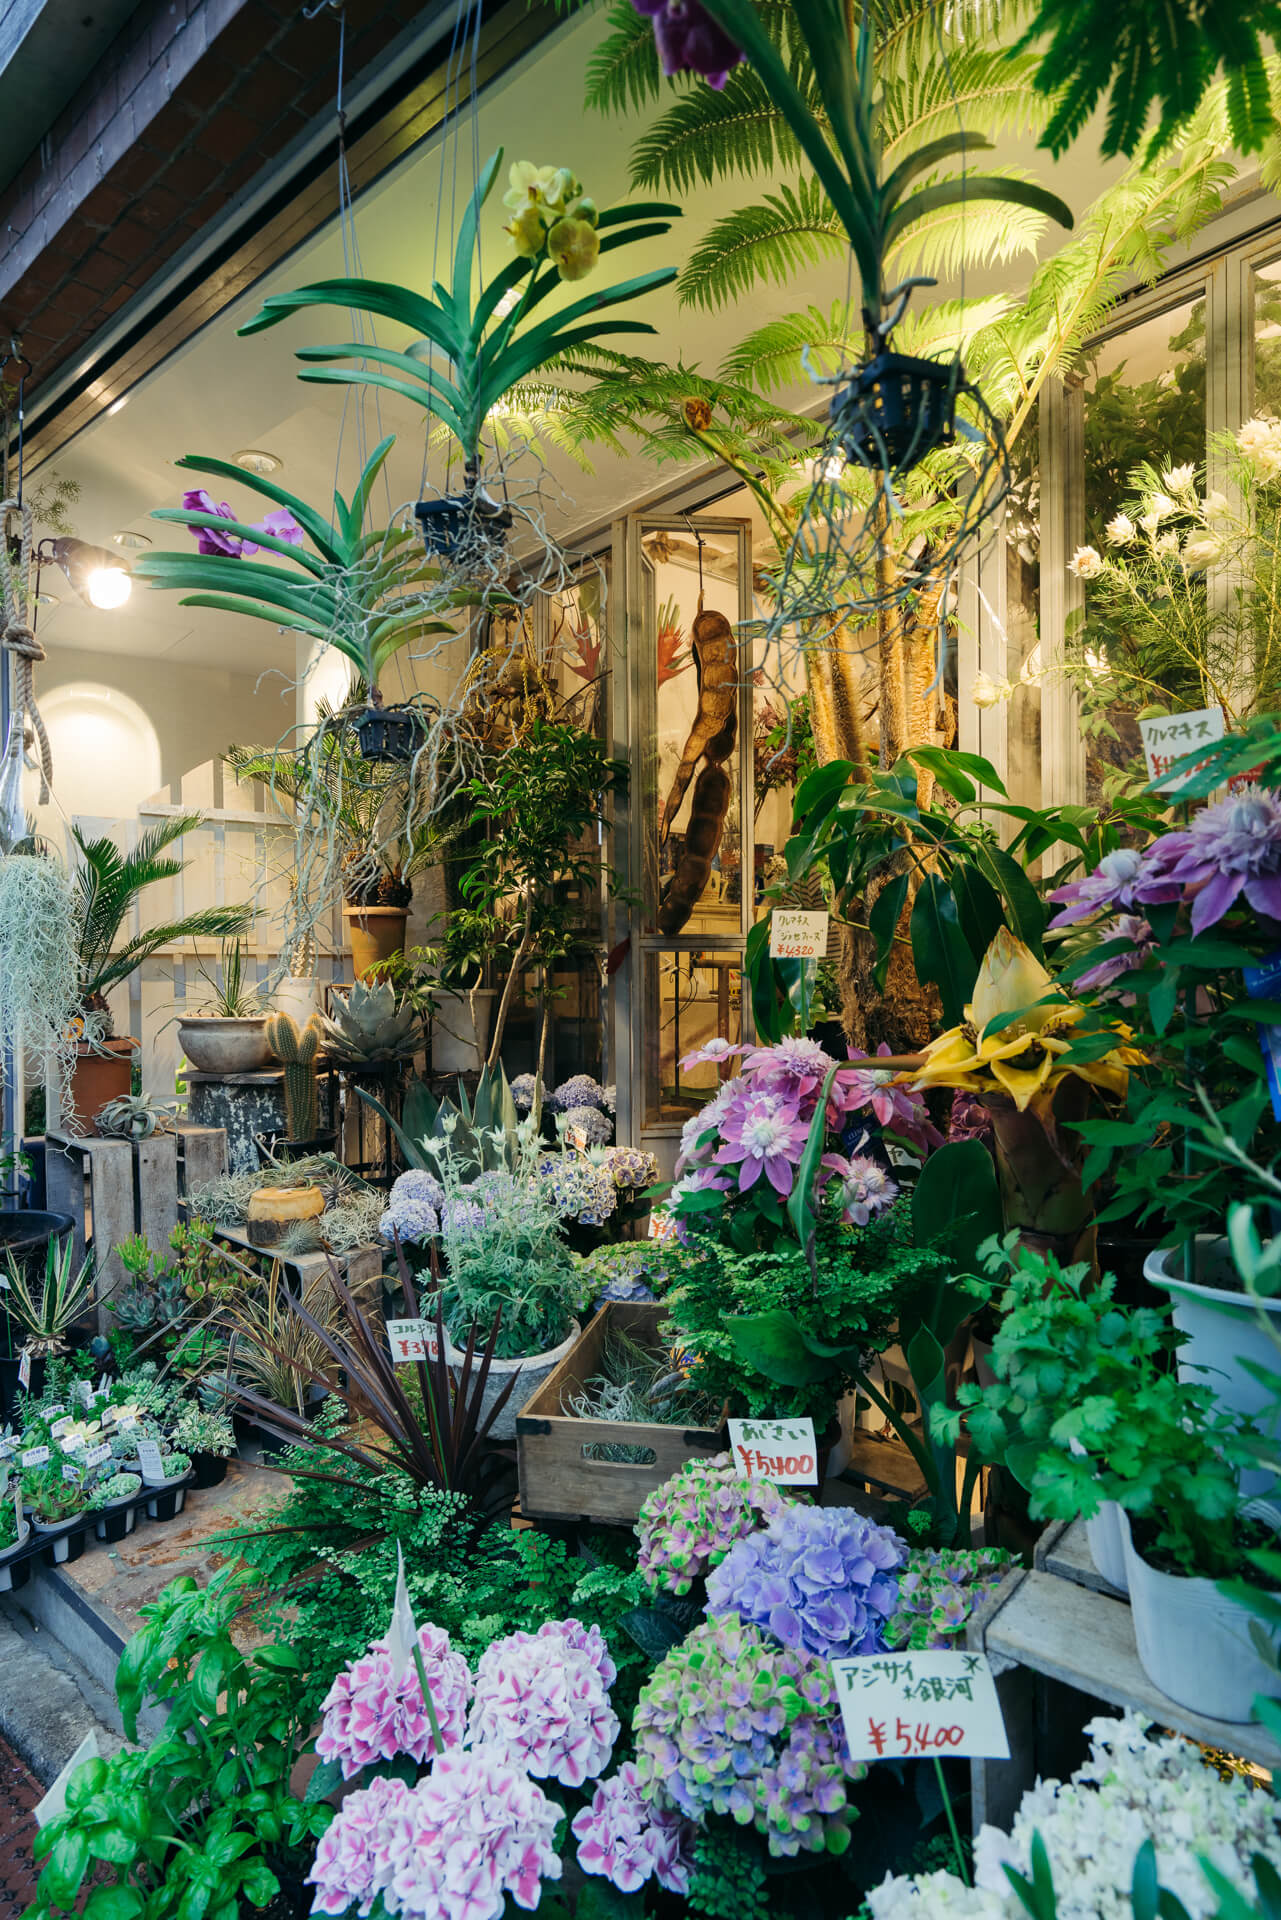 店頭には、鉢もののお花やハーブ、多肉植物などのほかに、エアプランツ、着生ランなど、ちょっと珍しい種類のものも少しずつ置かれていました。